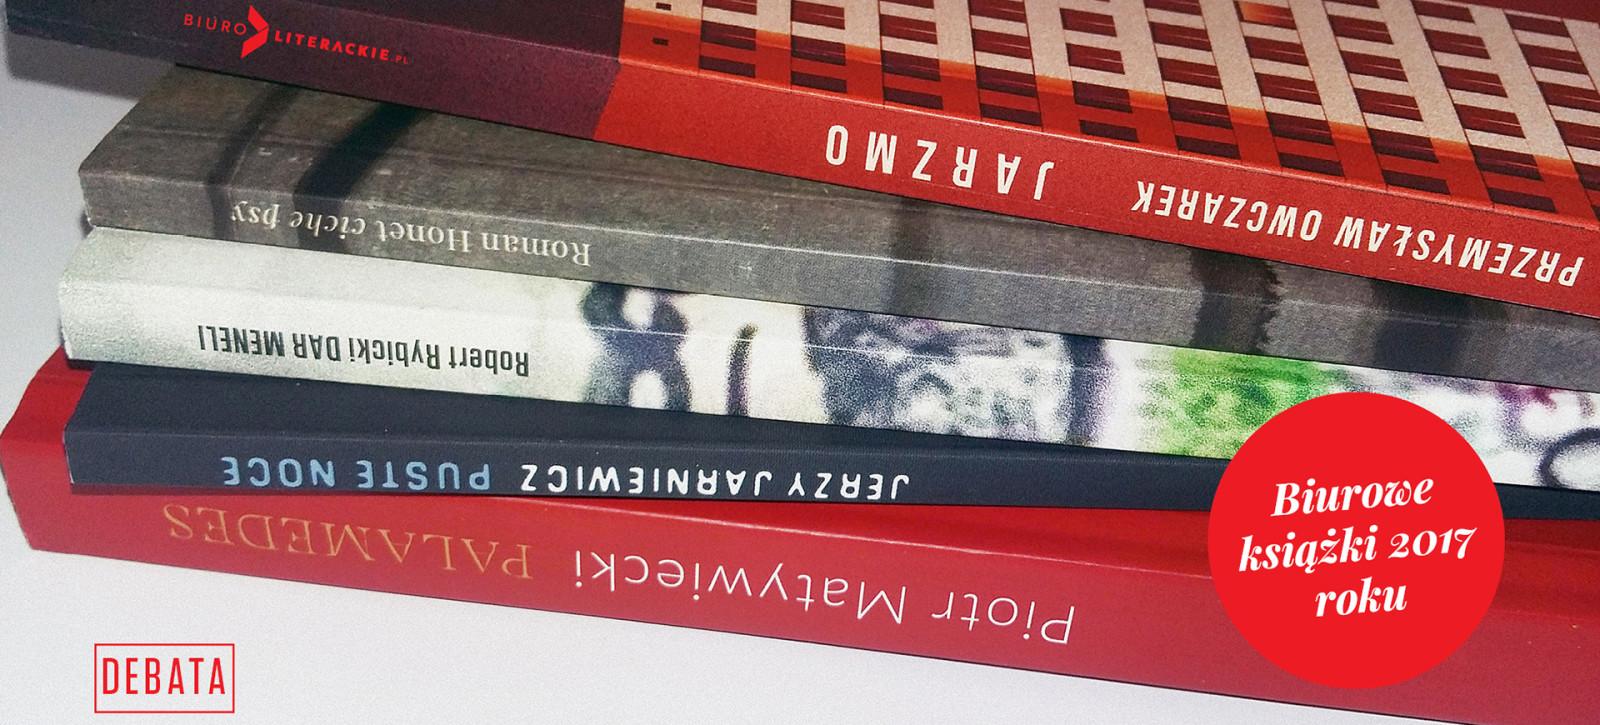 16_DEBATY__Biurowe_książki_2017_roku__Weronika_JANECZKO